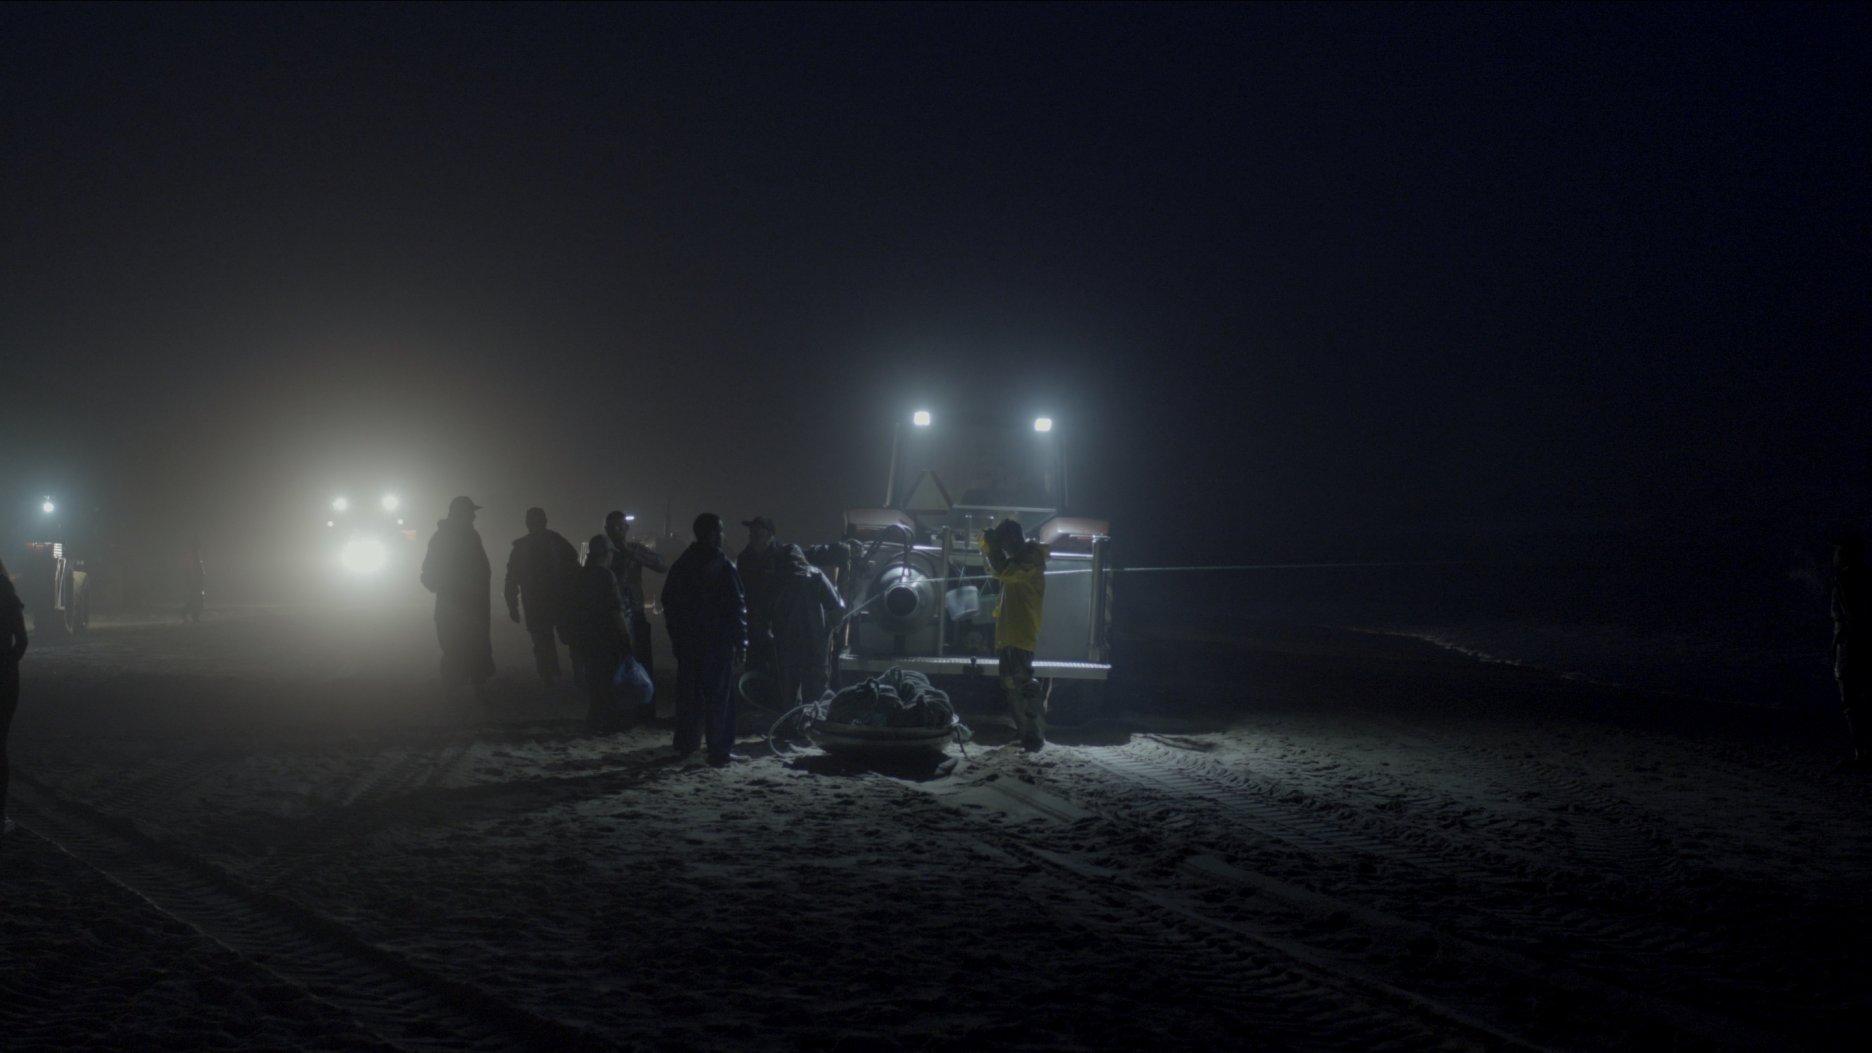 O arrais do mar (2020) - Elisa Celda